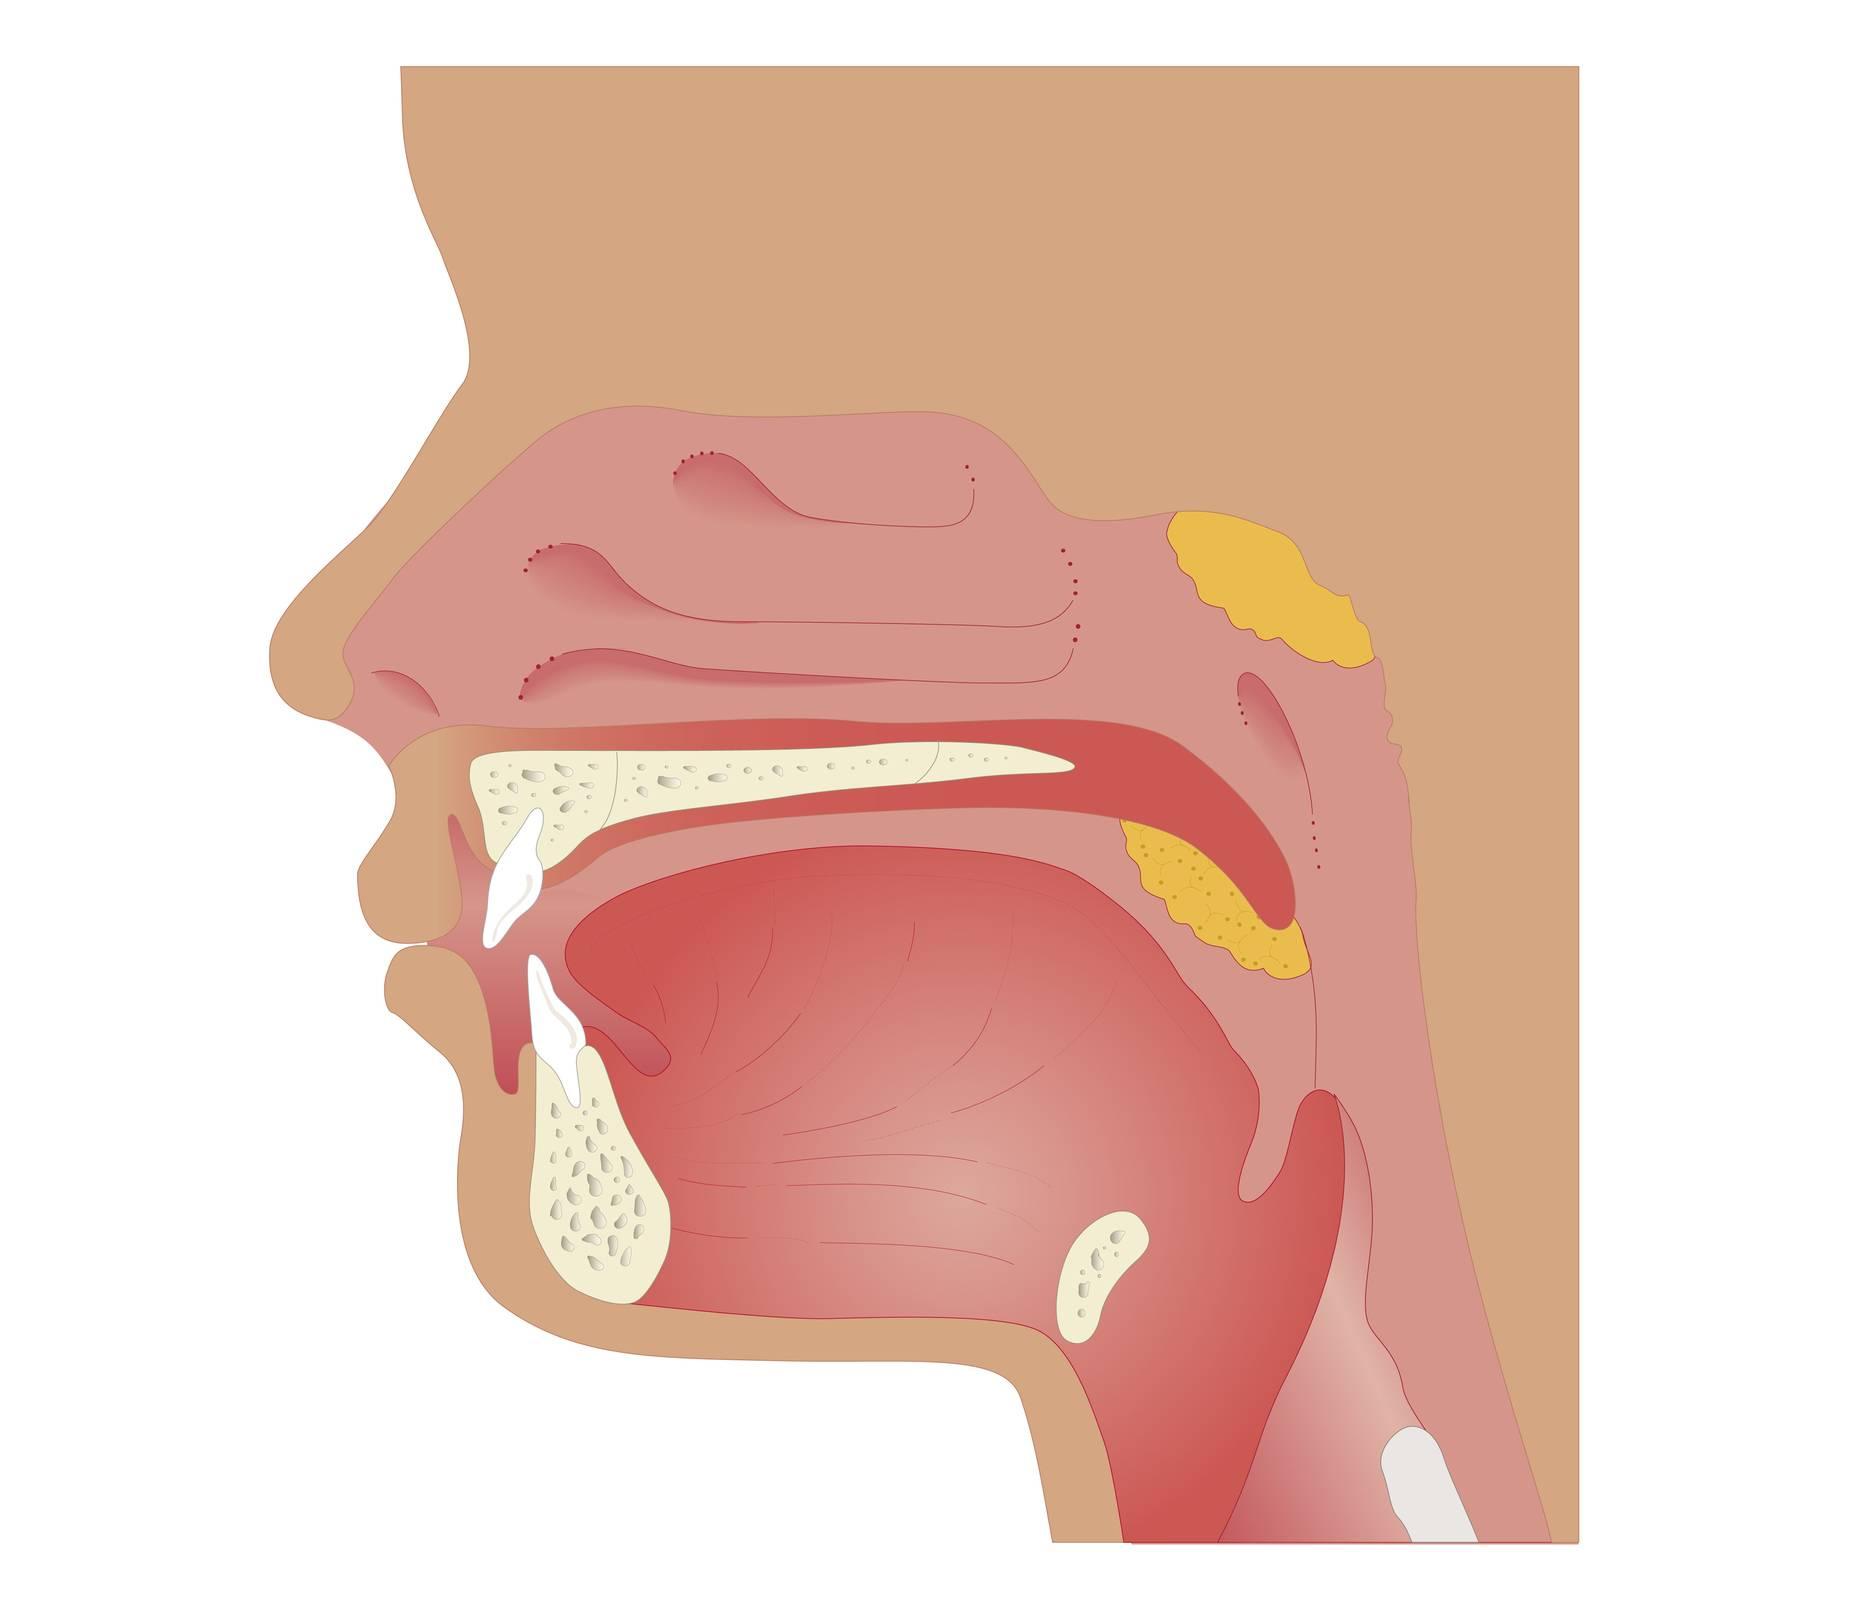 Аденоидит: причины, формы и степени, симптомы, тактика лечения